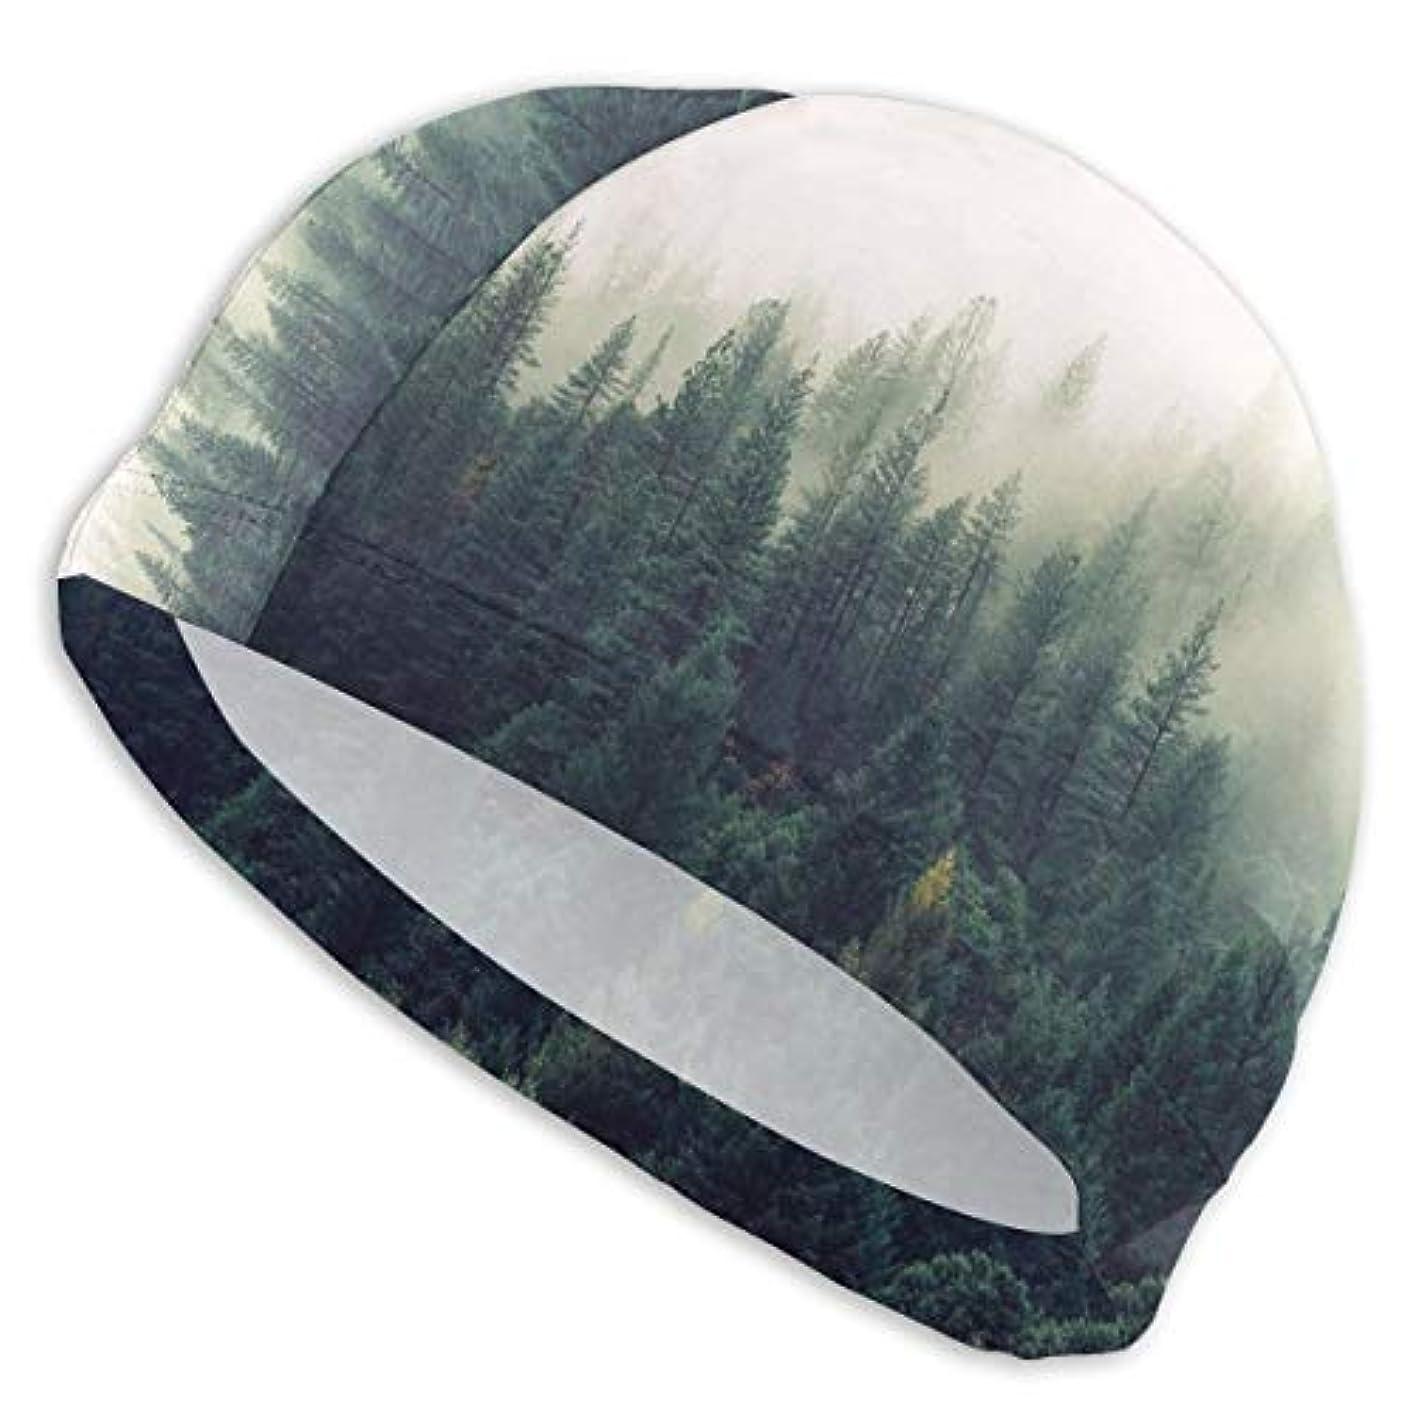 ズームインするマーケティング彫刻霧の森スイムキャップ スイミングキャップ 水泳キャップ 競泳 水泳帽 メンズ レディース 兼用 ゆったりサイズ フリーサイズ(28-33cm)